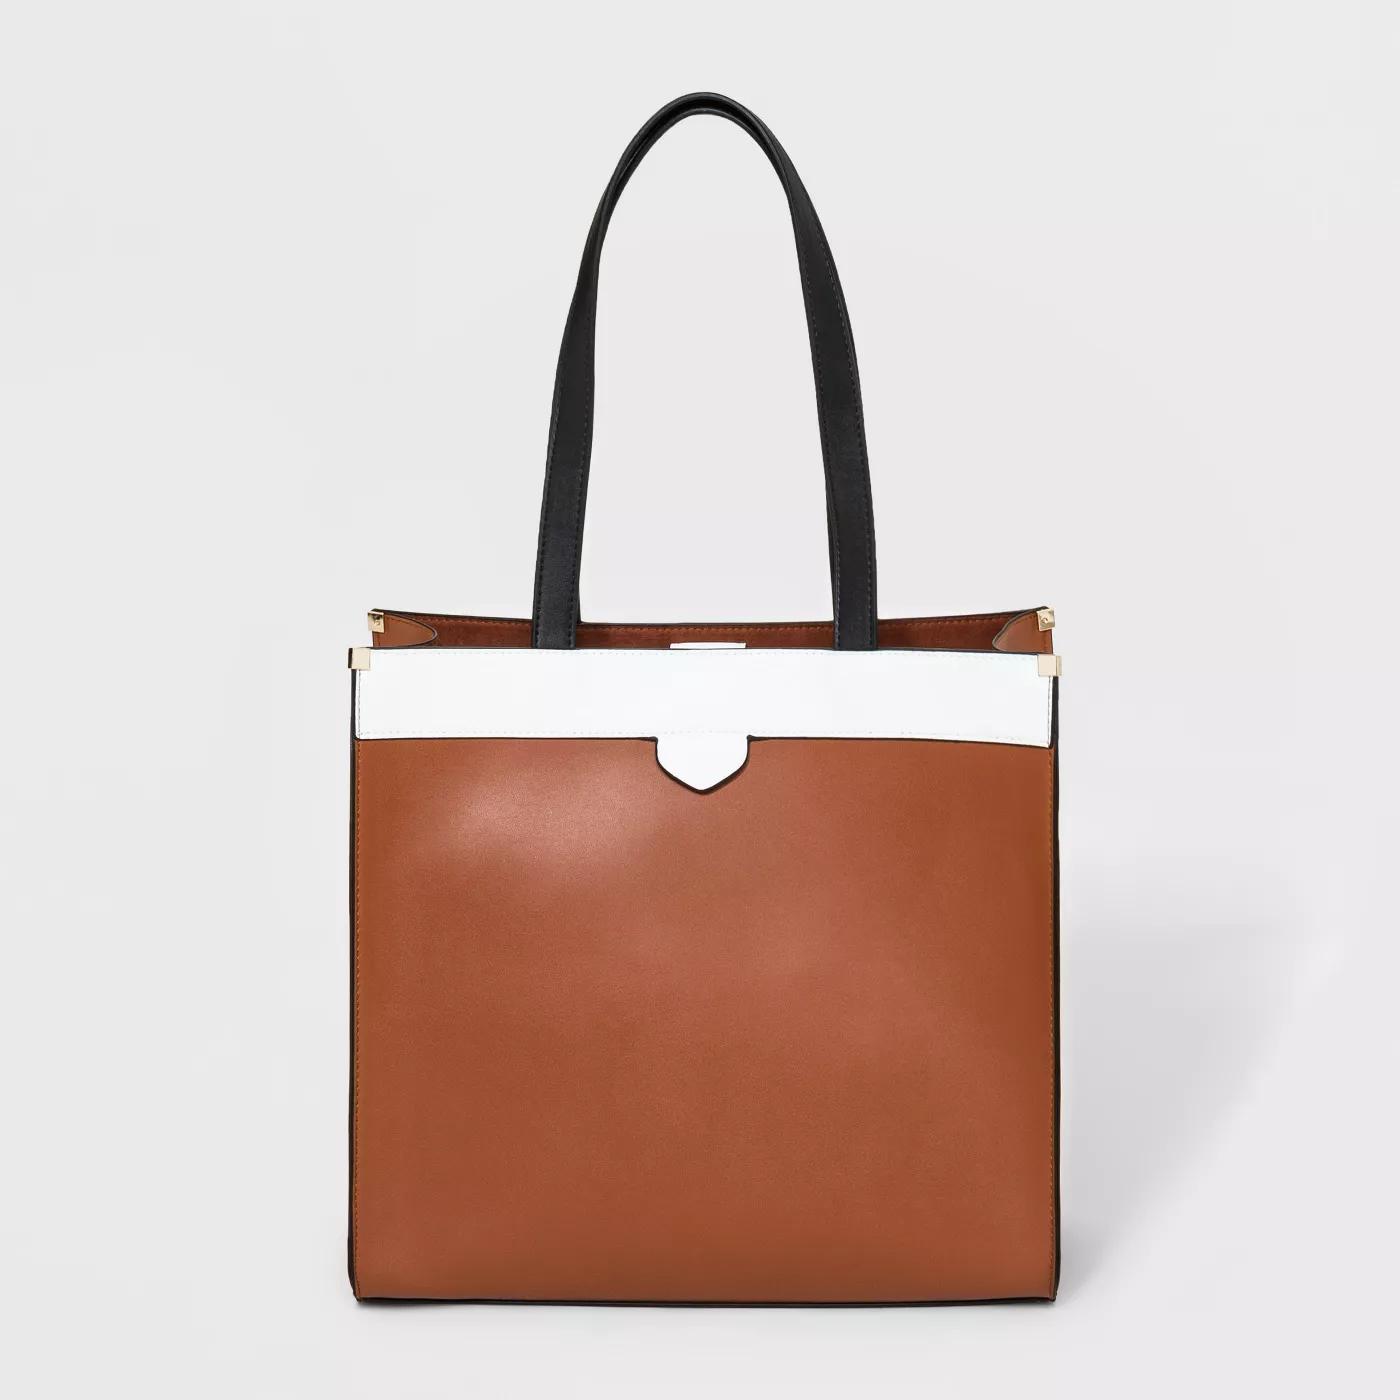 8952a6f6db3 Boxy Tote Handbag